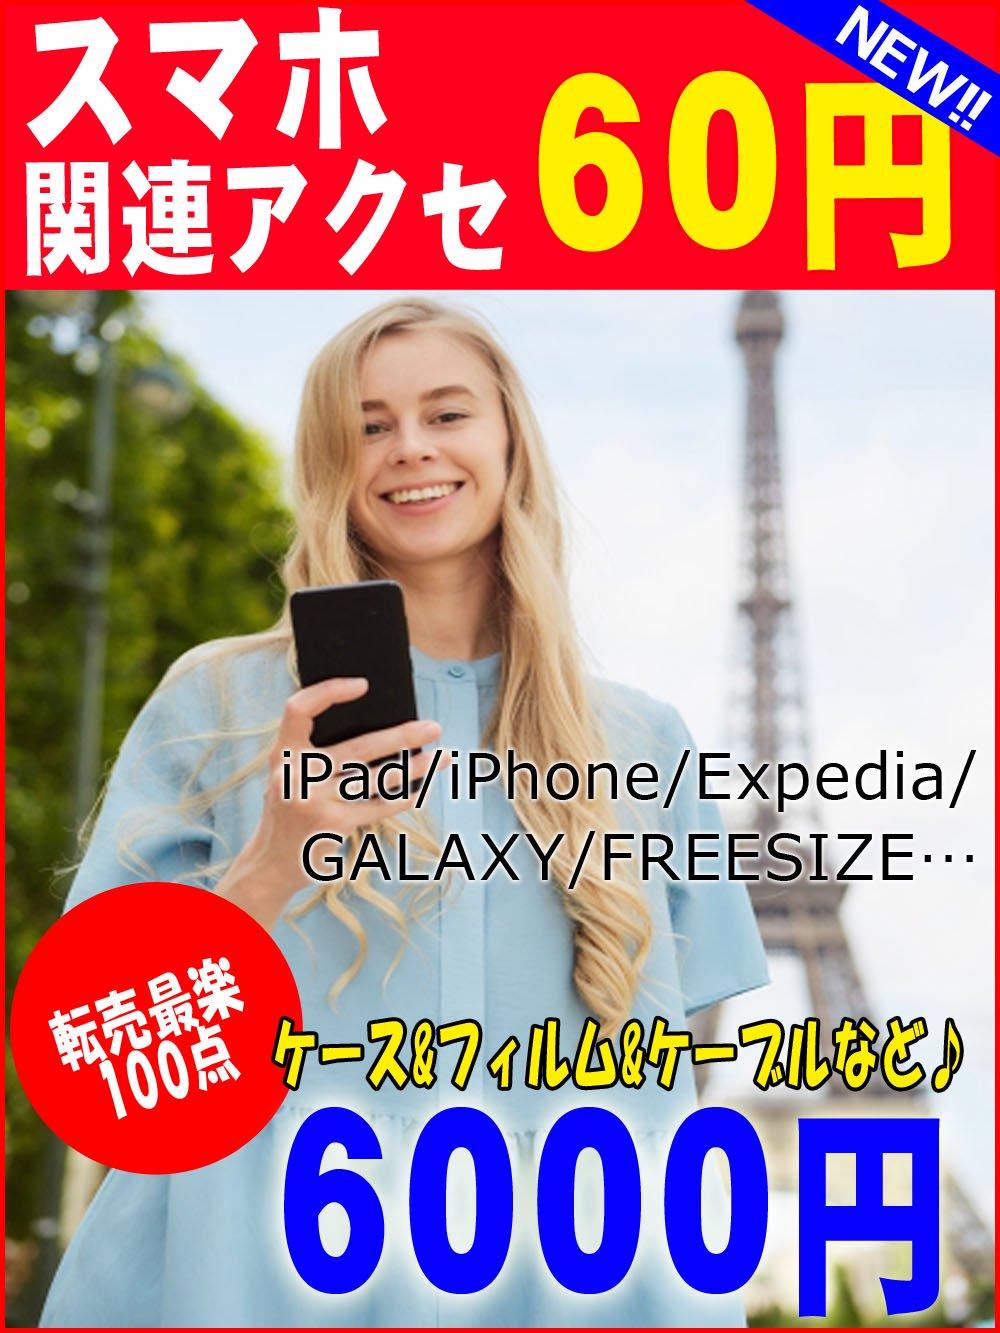 【転売最楽】new!!スマホケース&フィルム【100点】@60●iPhone/Expedia/GALAXY/FREESIZE…多種対応●フリーサイズ多数!!